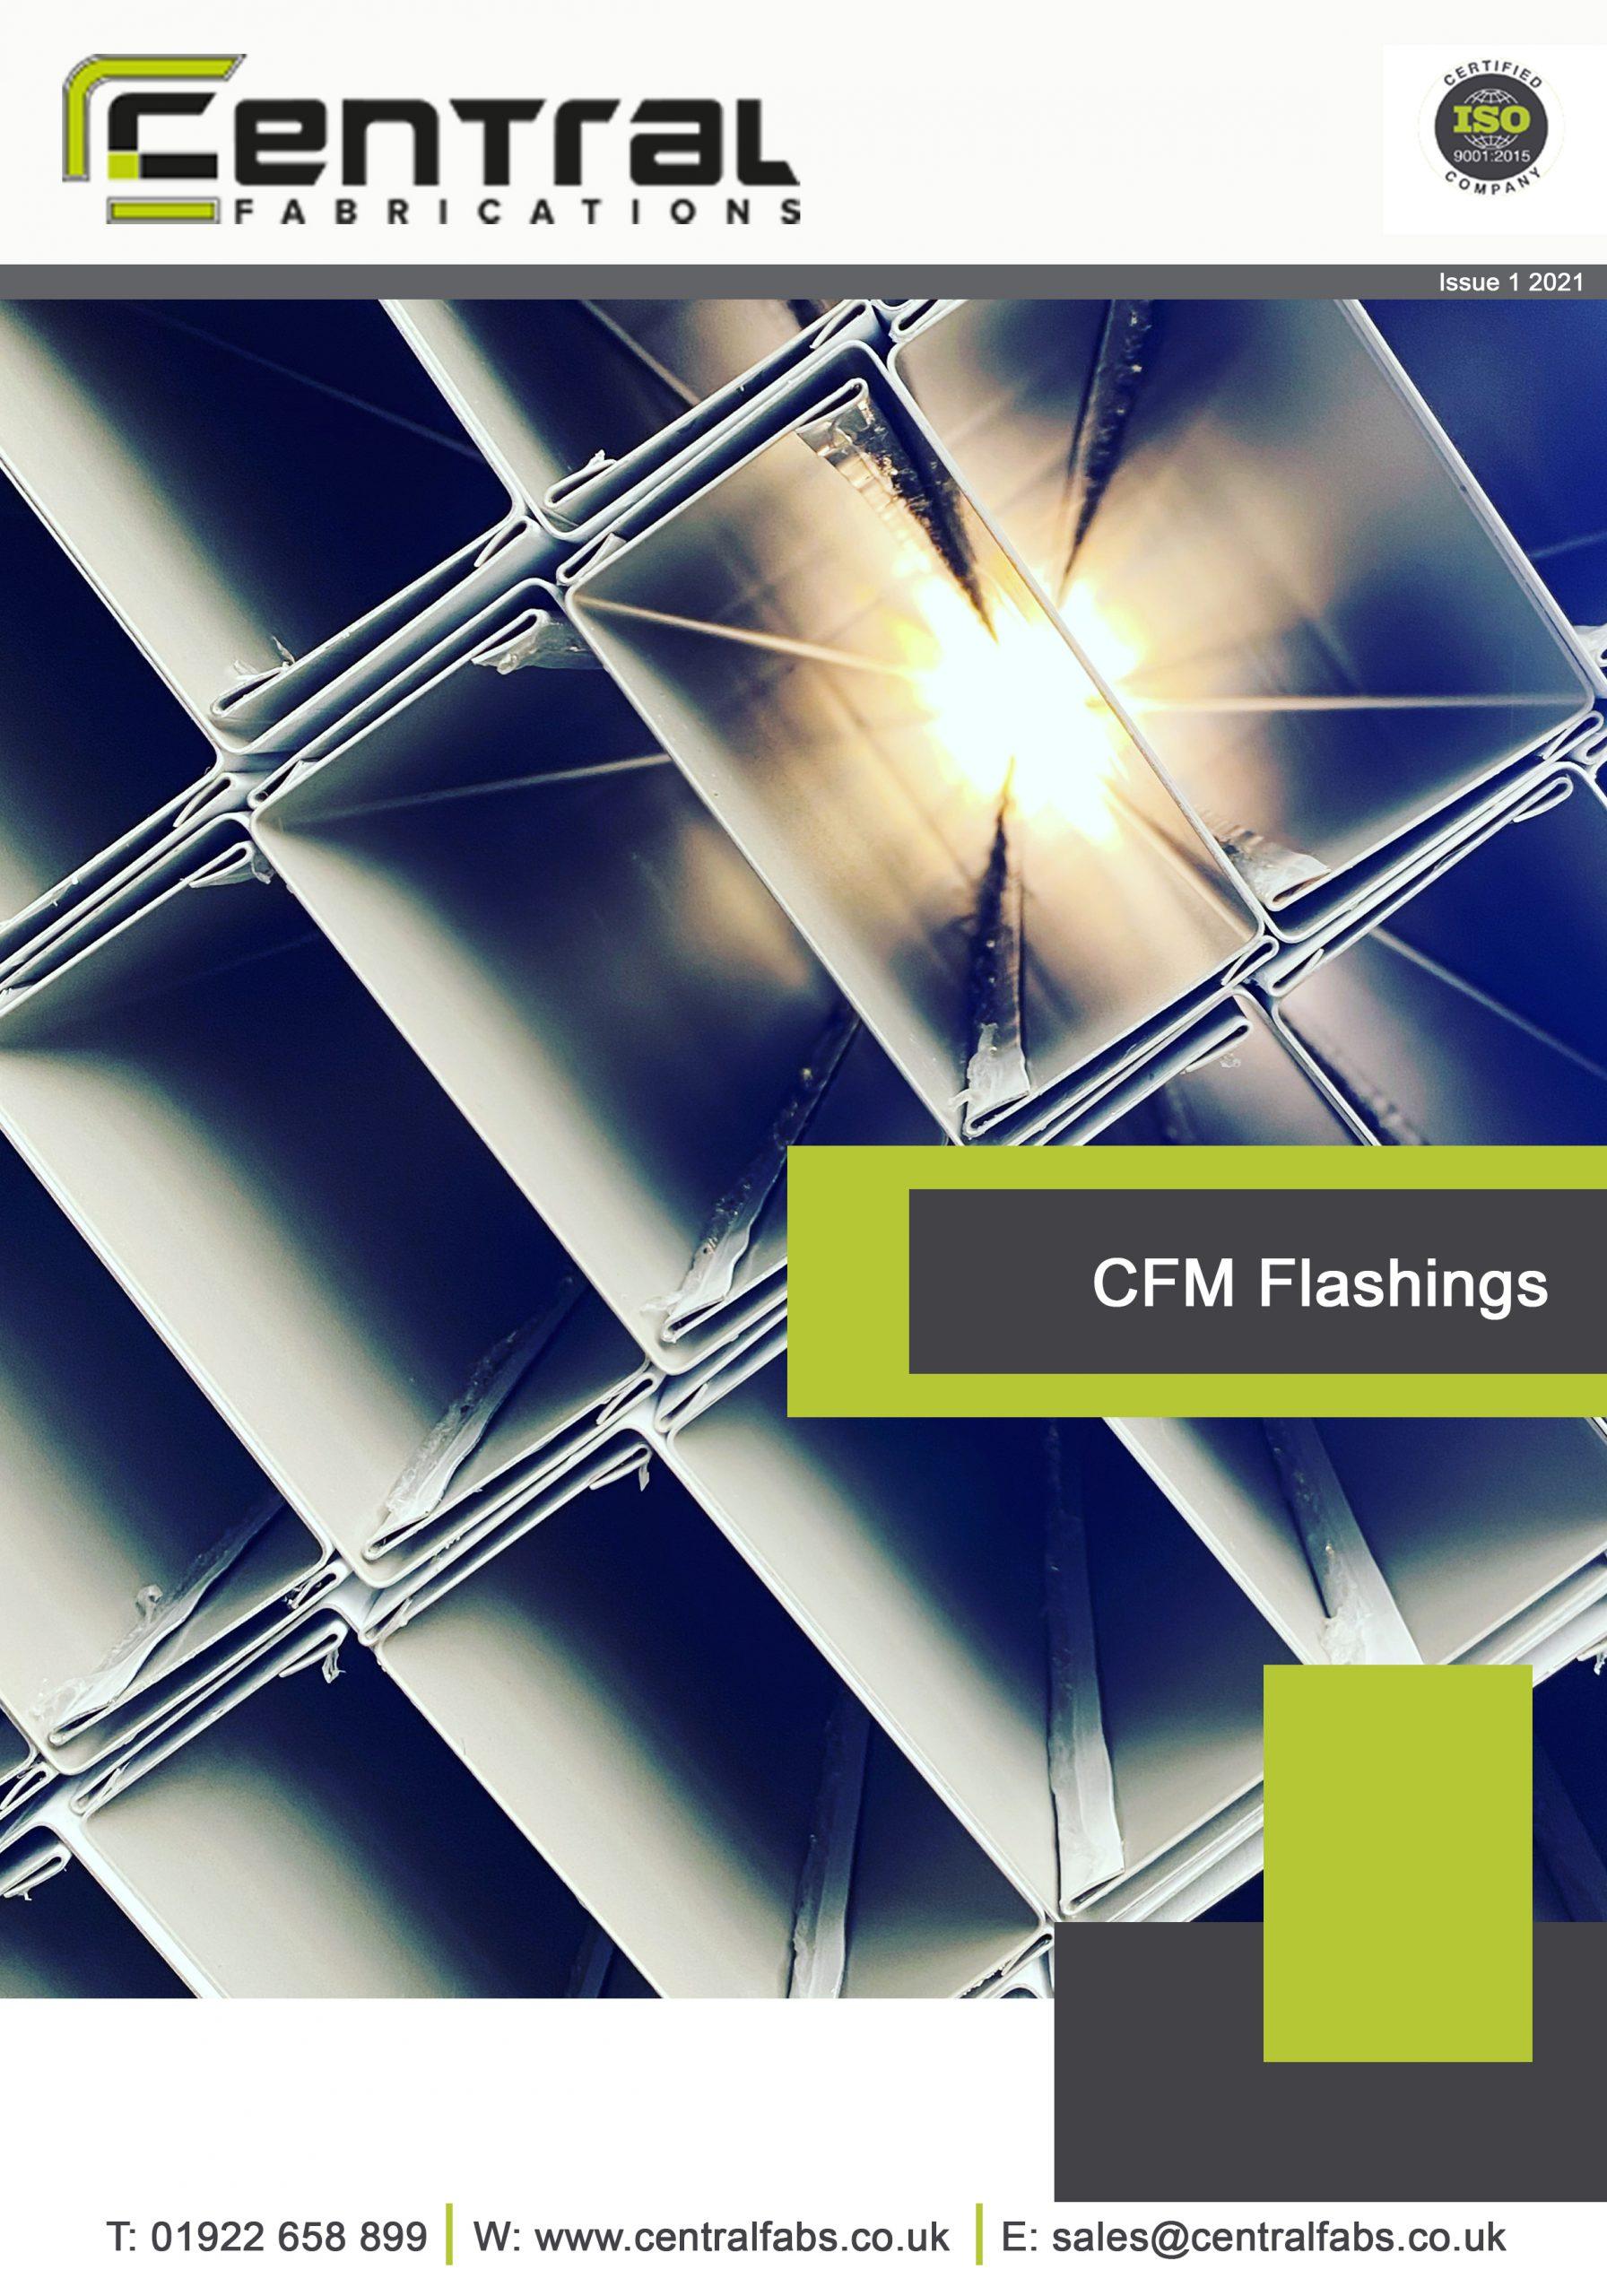 CFM Flashings